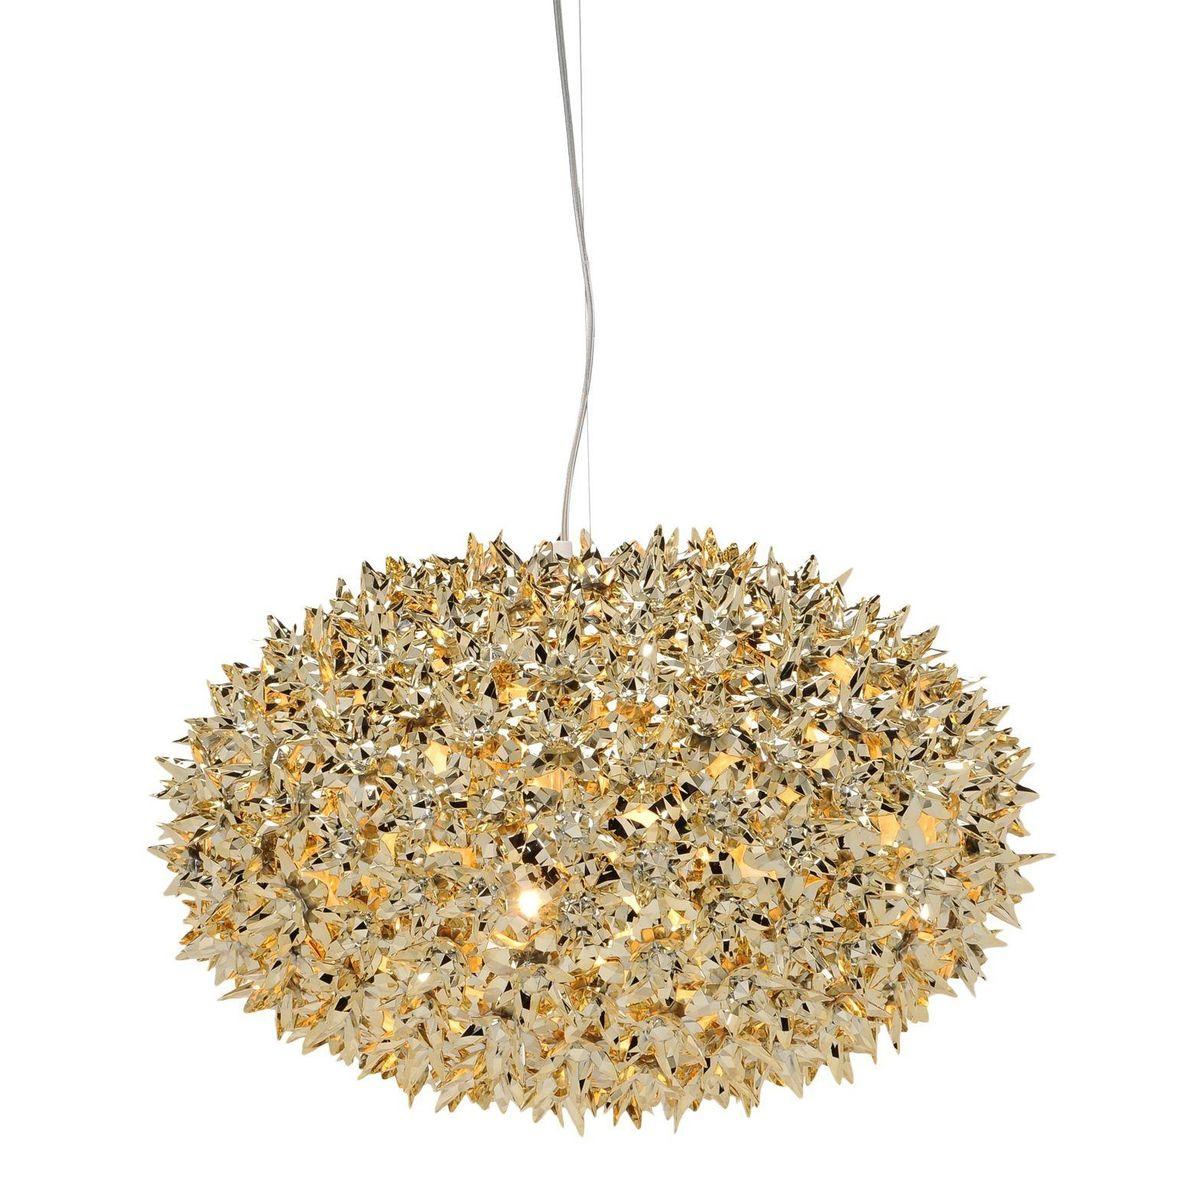 Kartell   Bloom Metallic Kugel S1 Pendelleuchte Ø53cm   Gold/glänzend